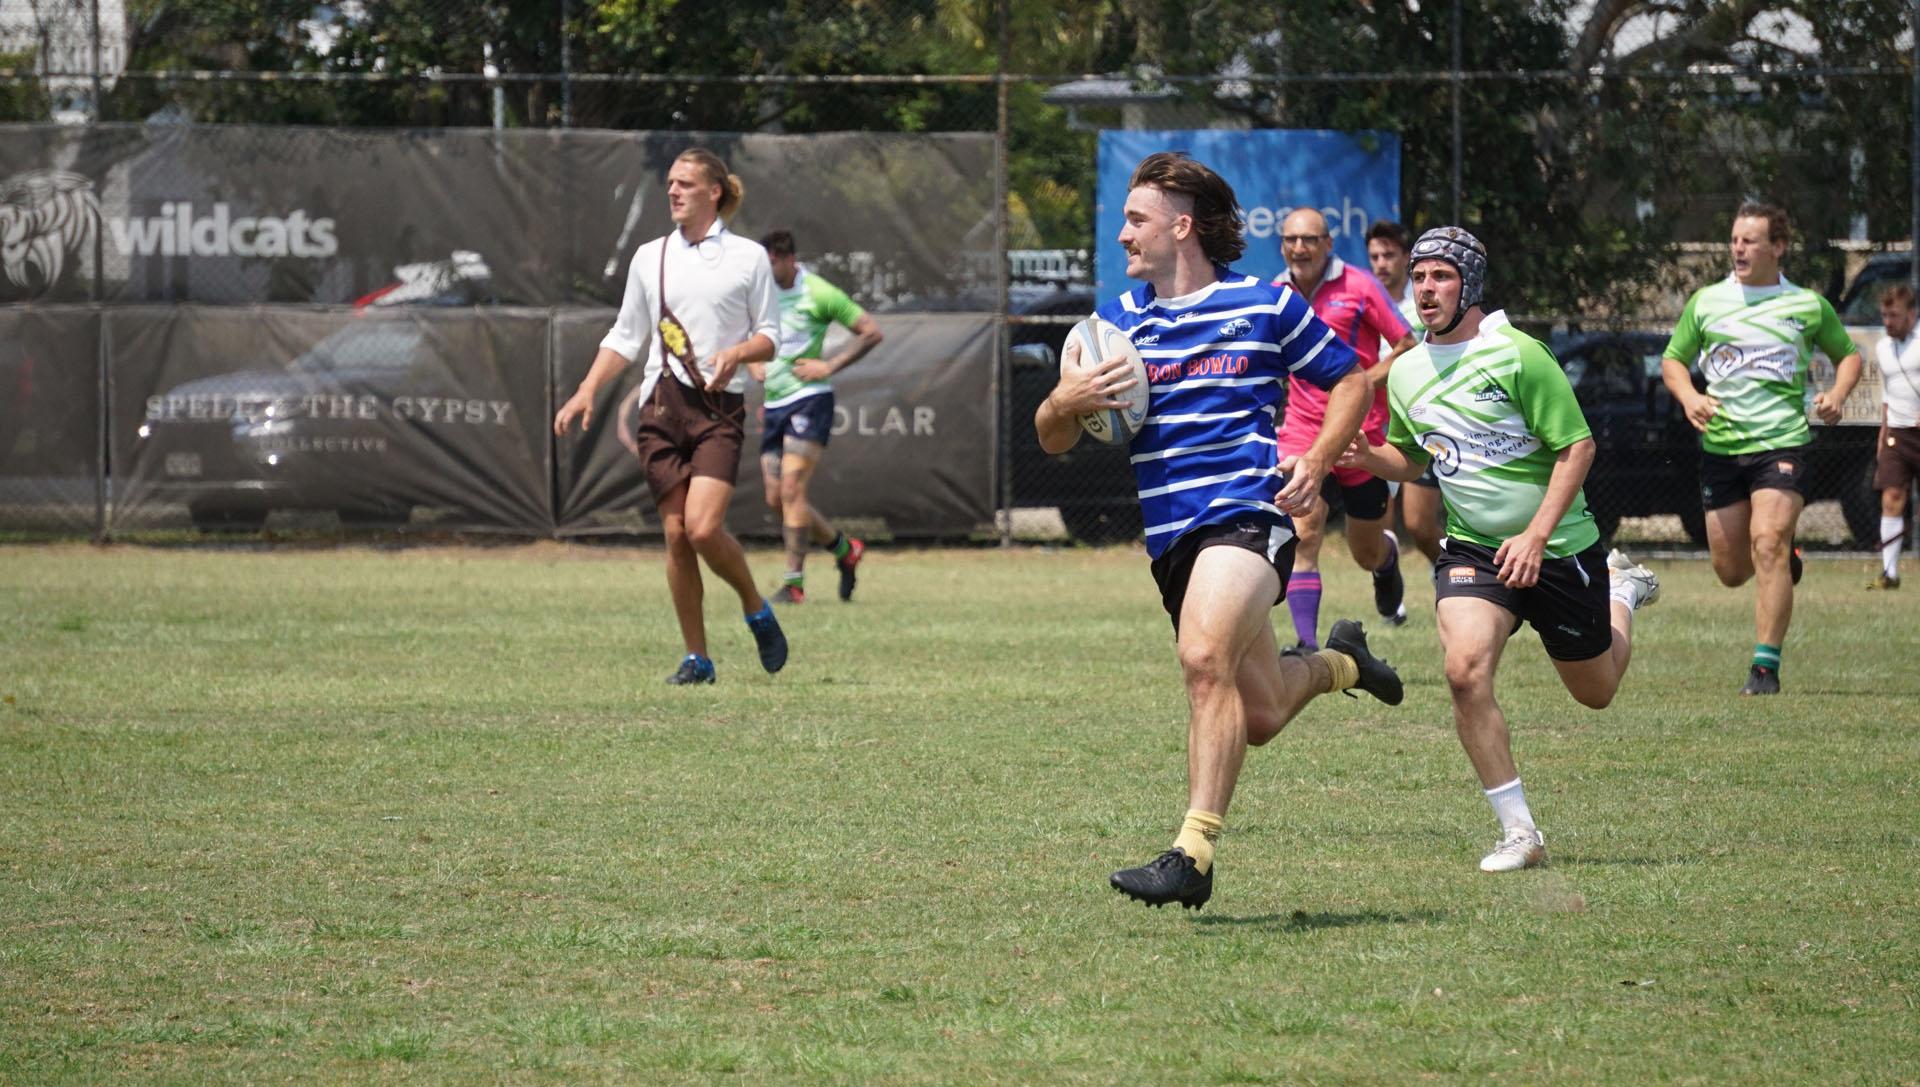 191019-20_Byron Bay Rugby 7s 2019_149